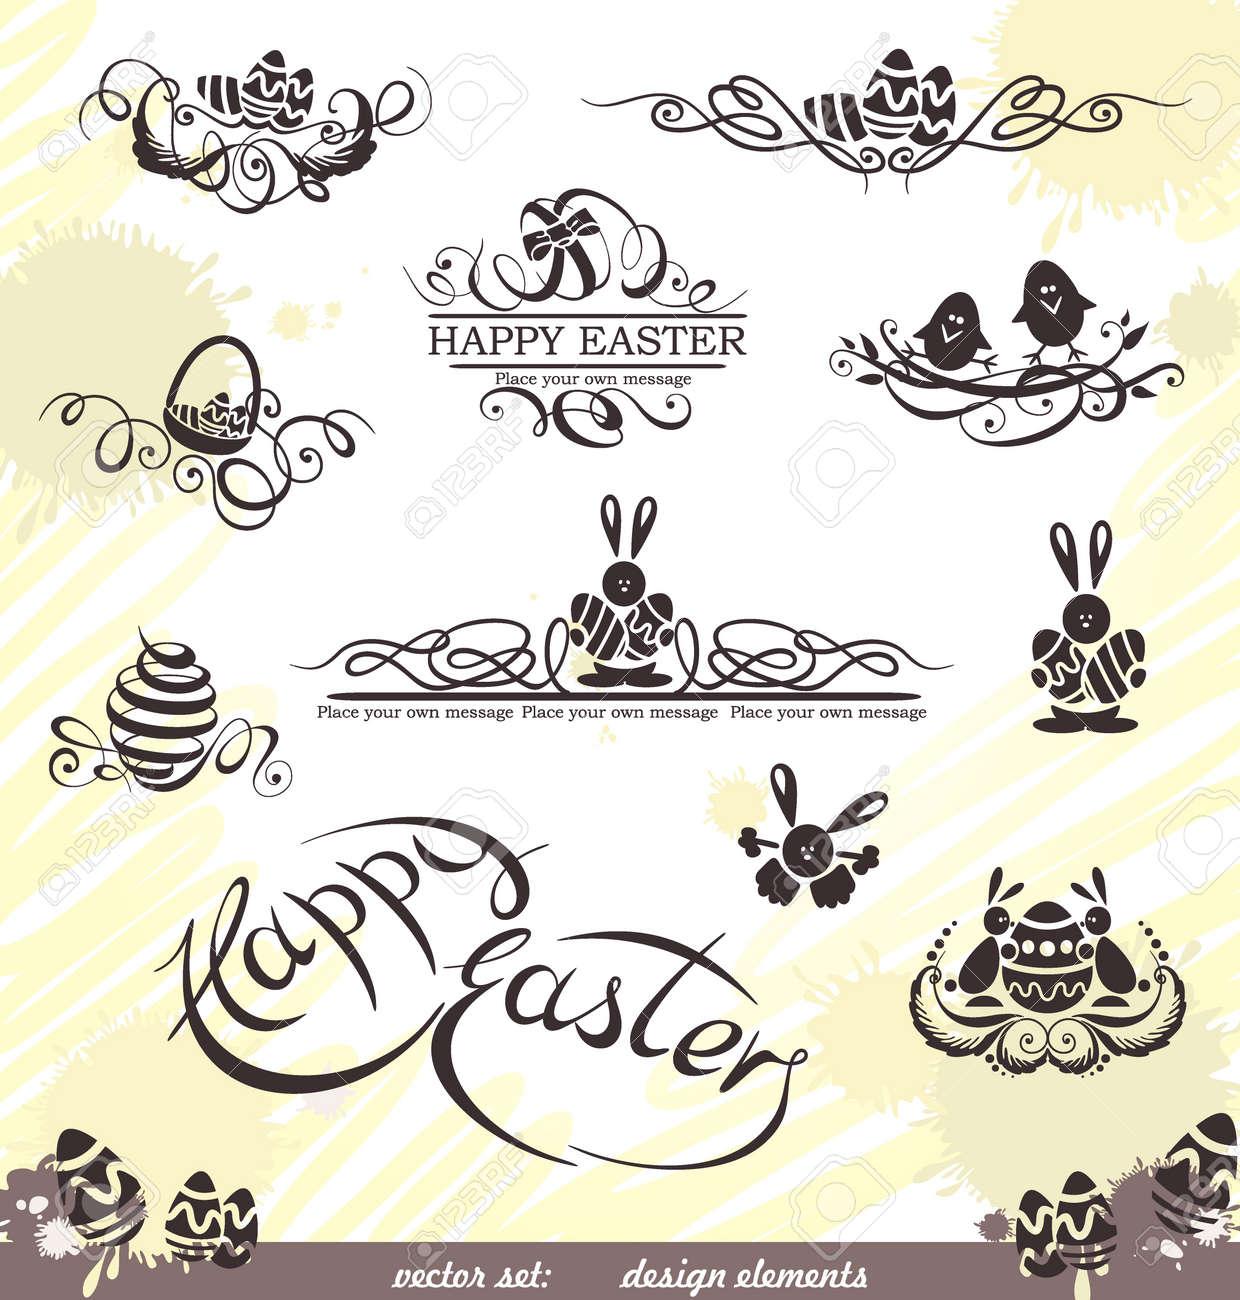 Happy Easter vector set  design elements Stock Vector - 15311102